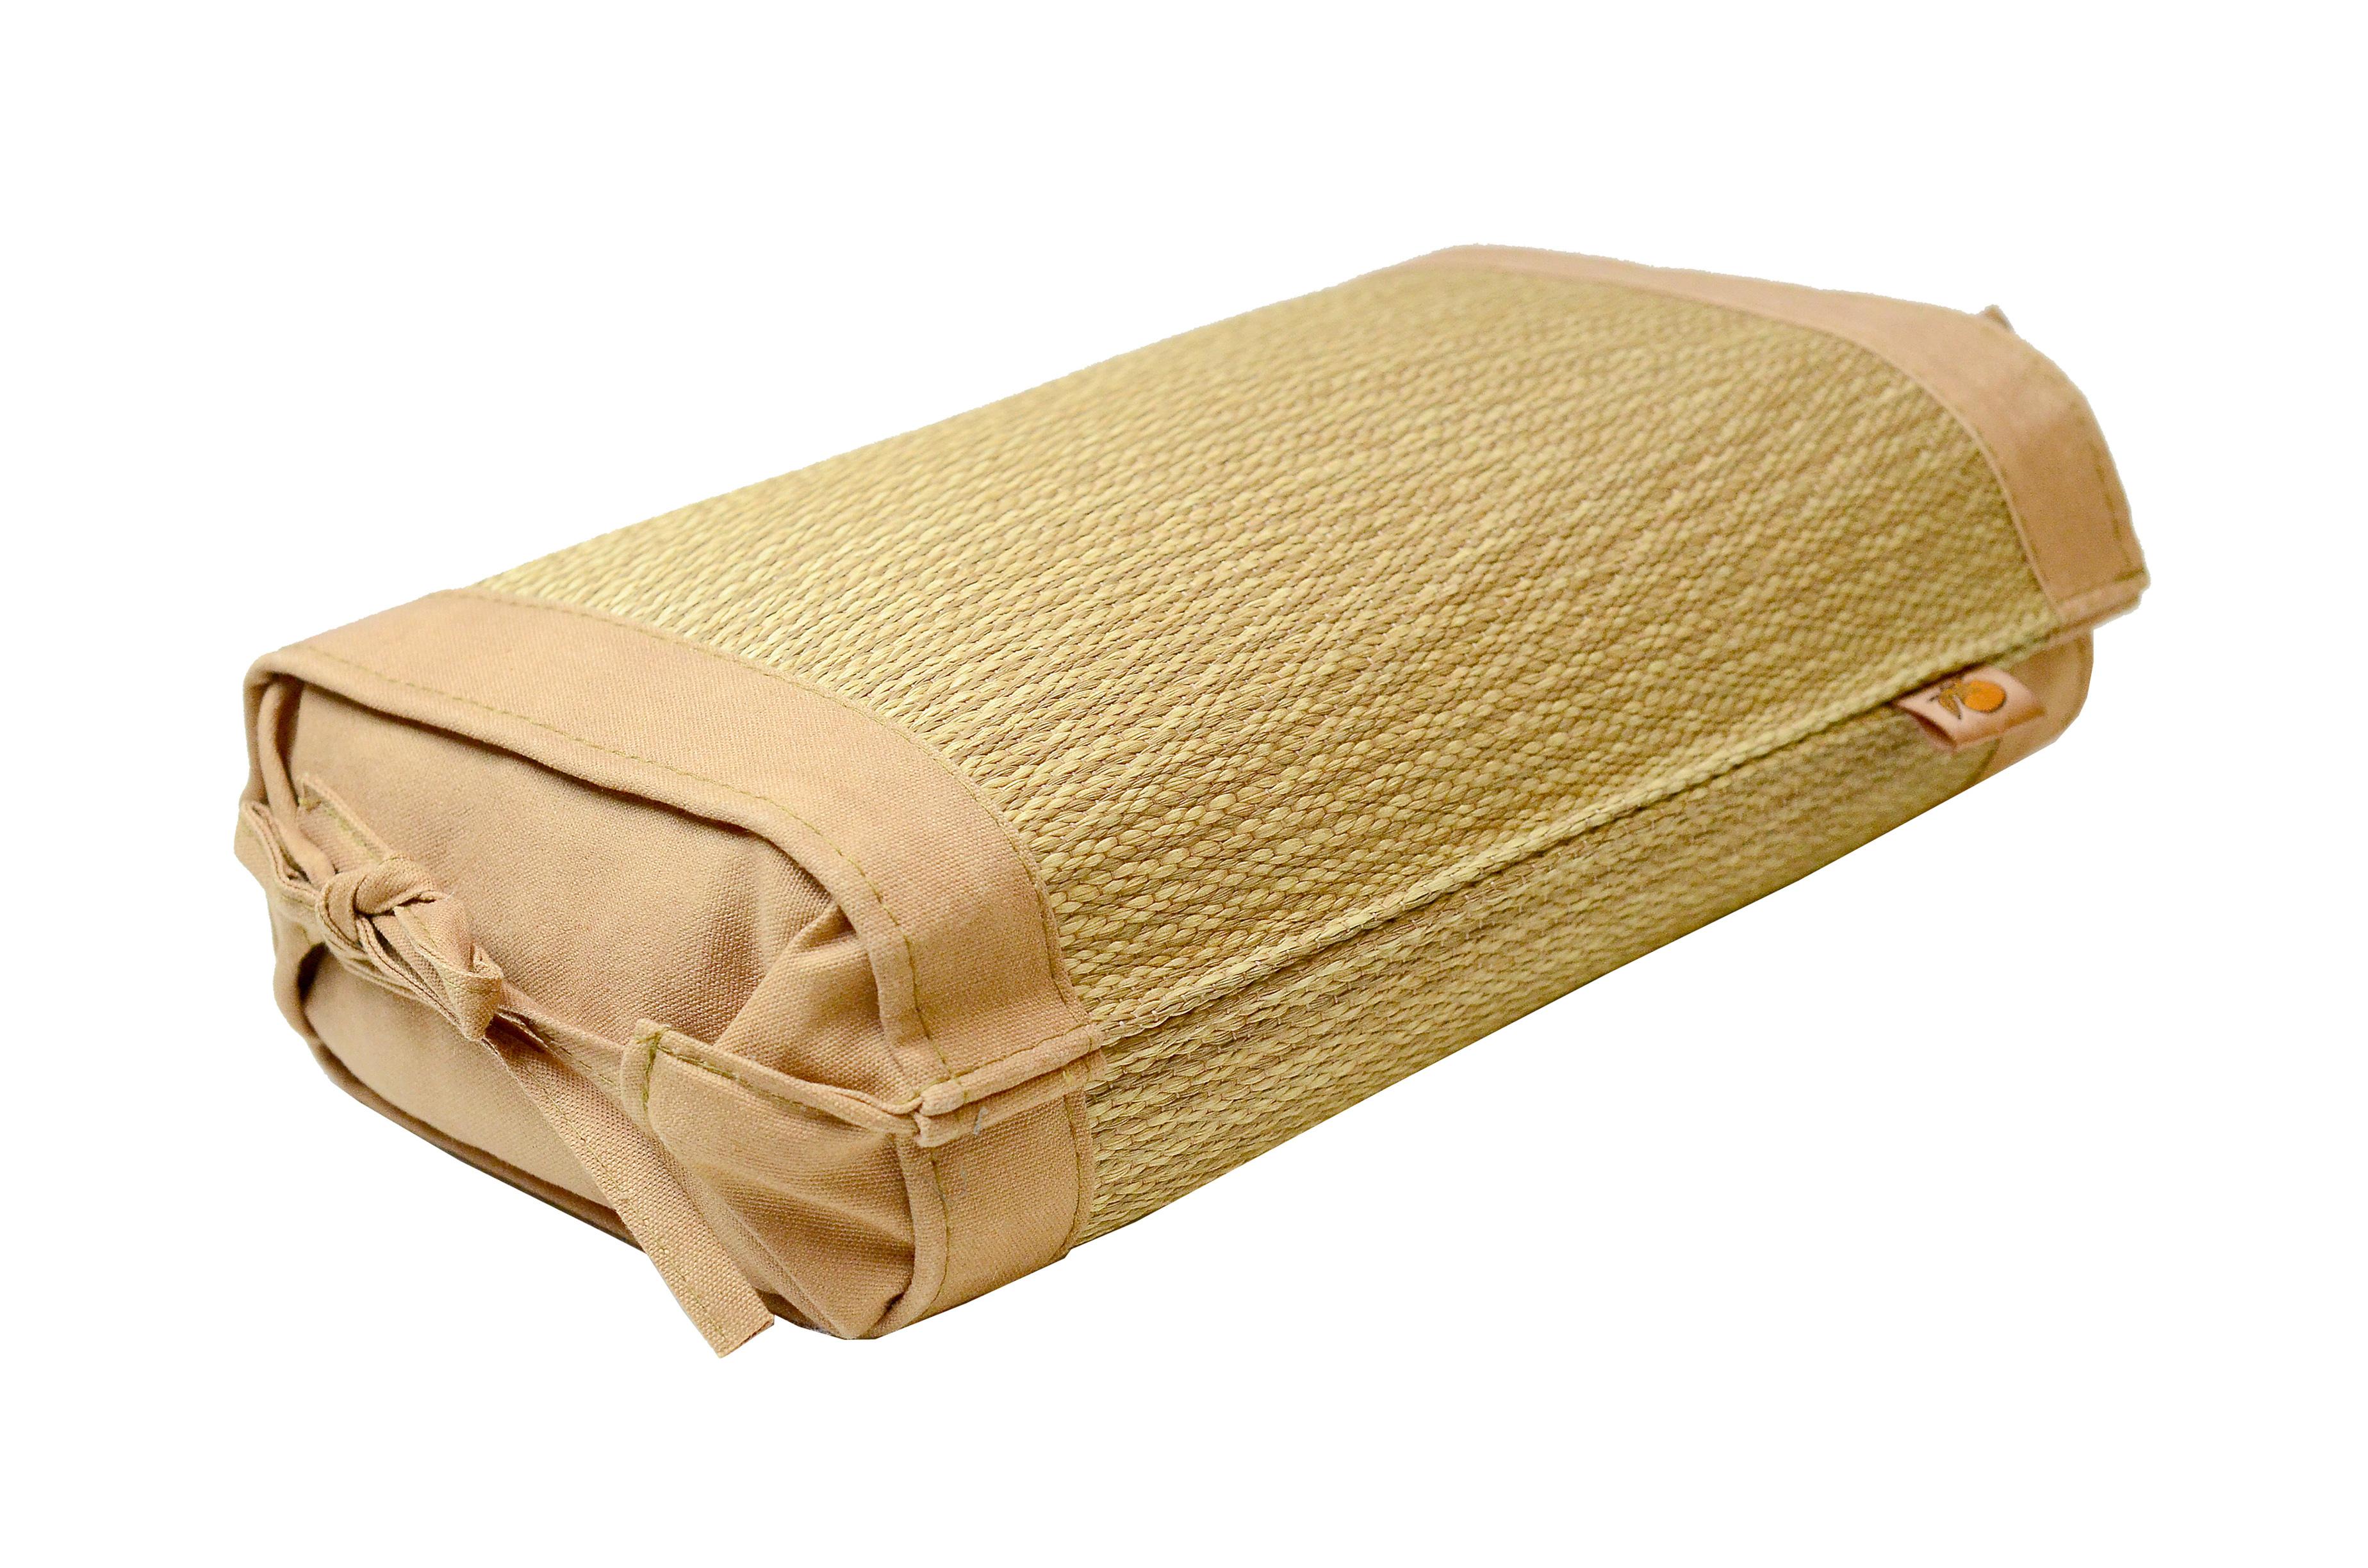 【柿渋染め 小枕】 中芯材:そば殻 柳川ブランド認定品